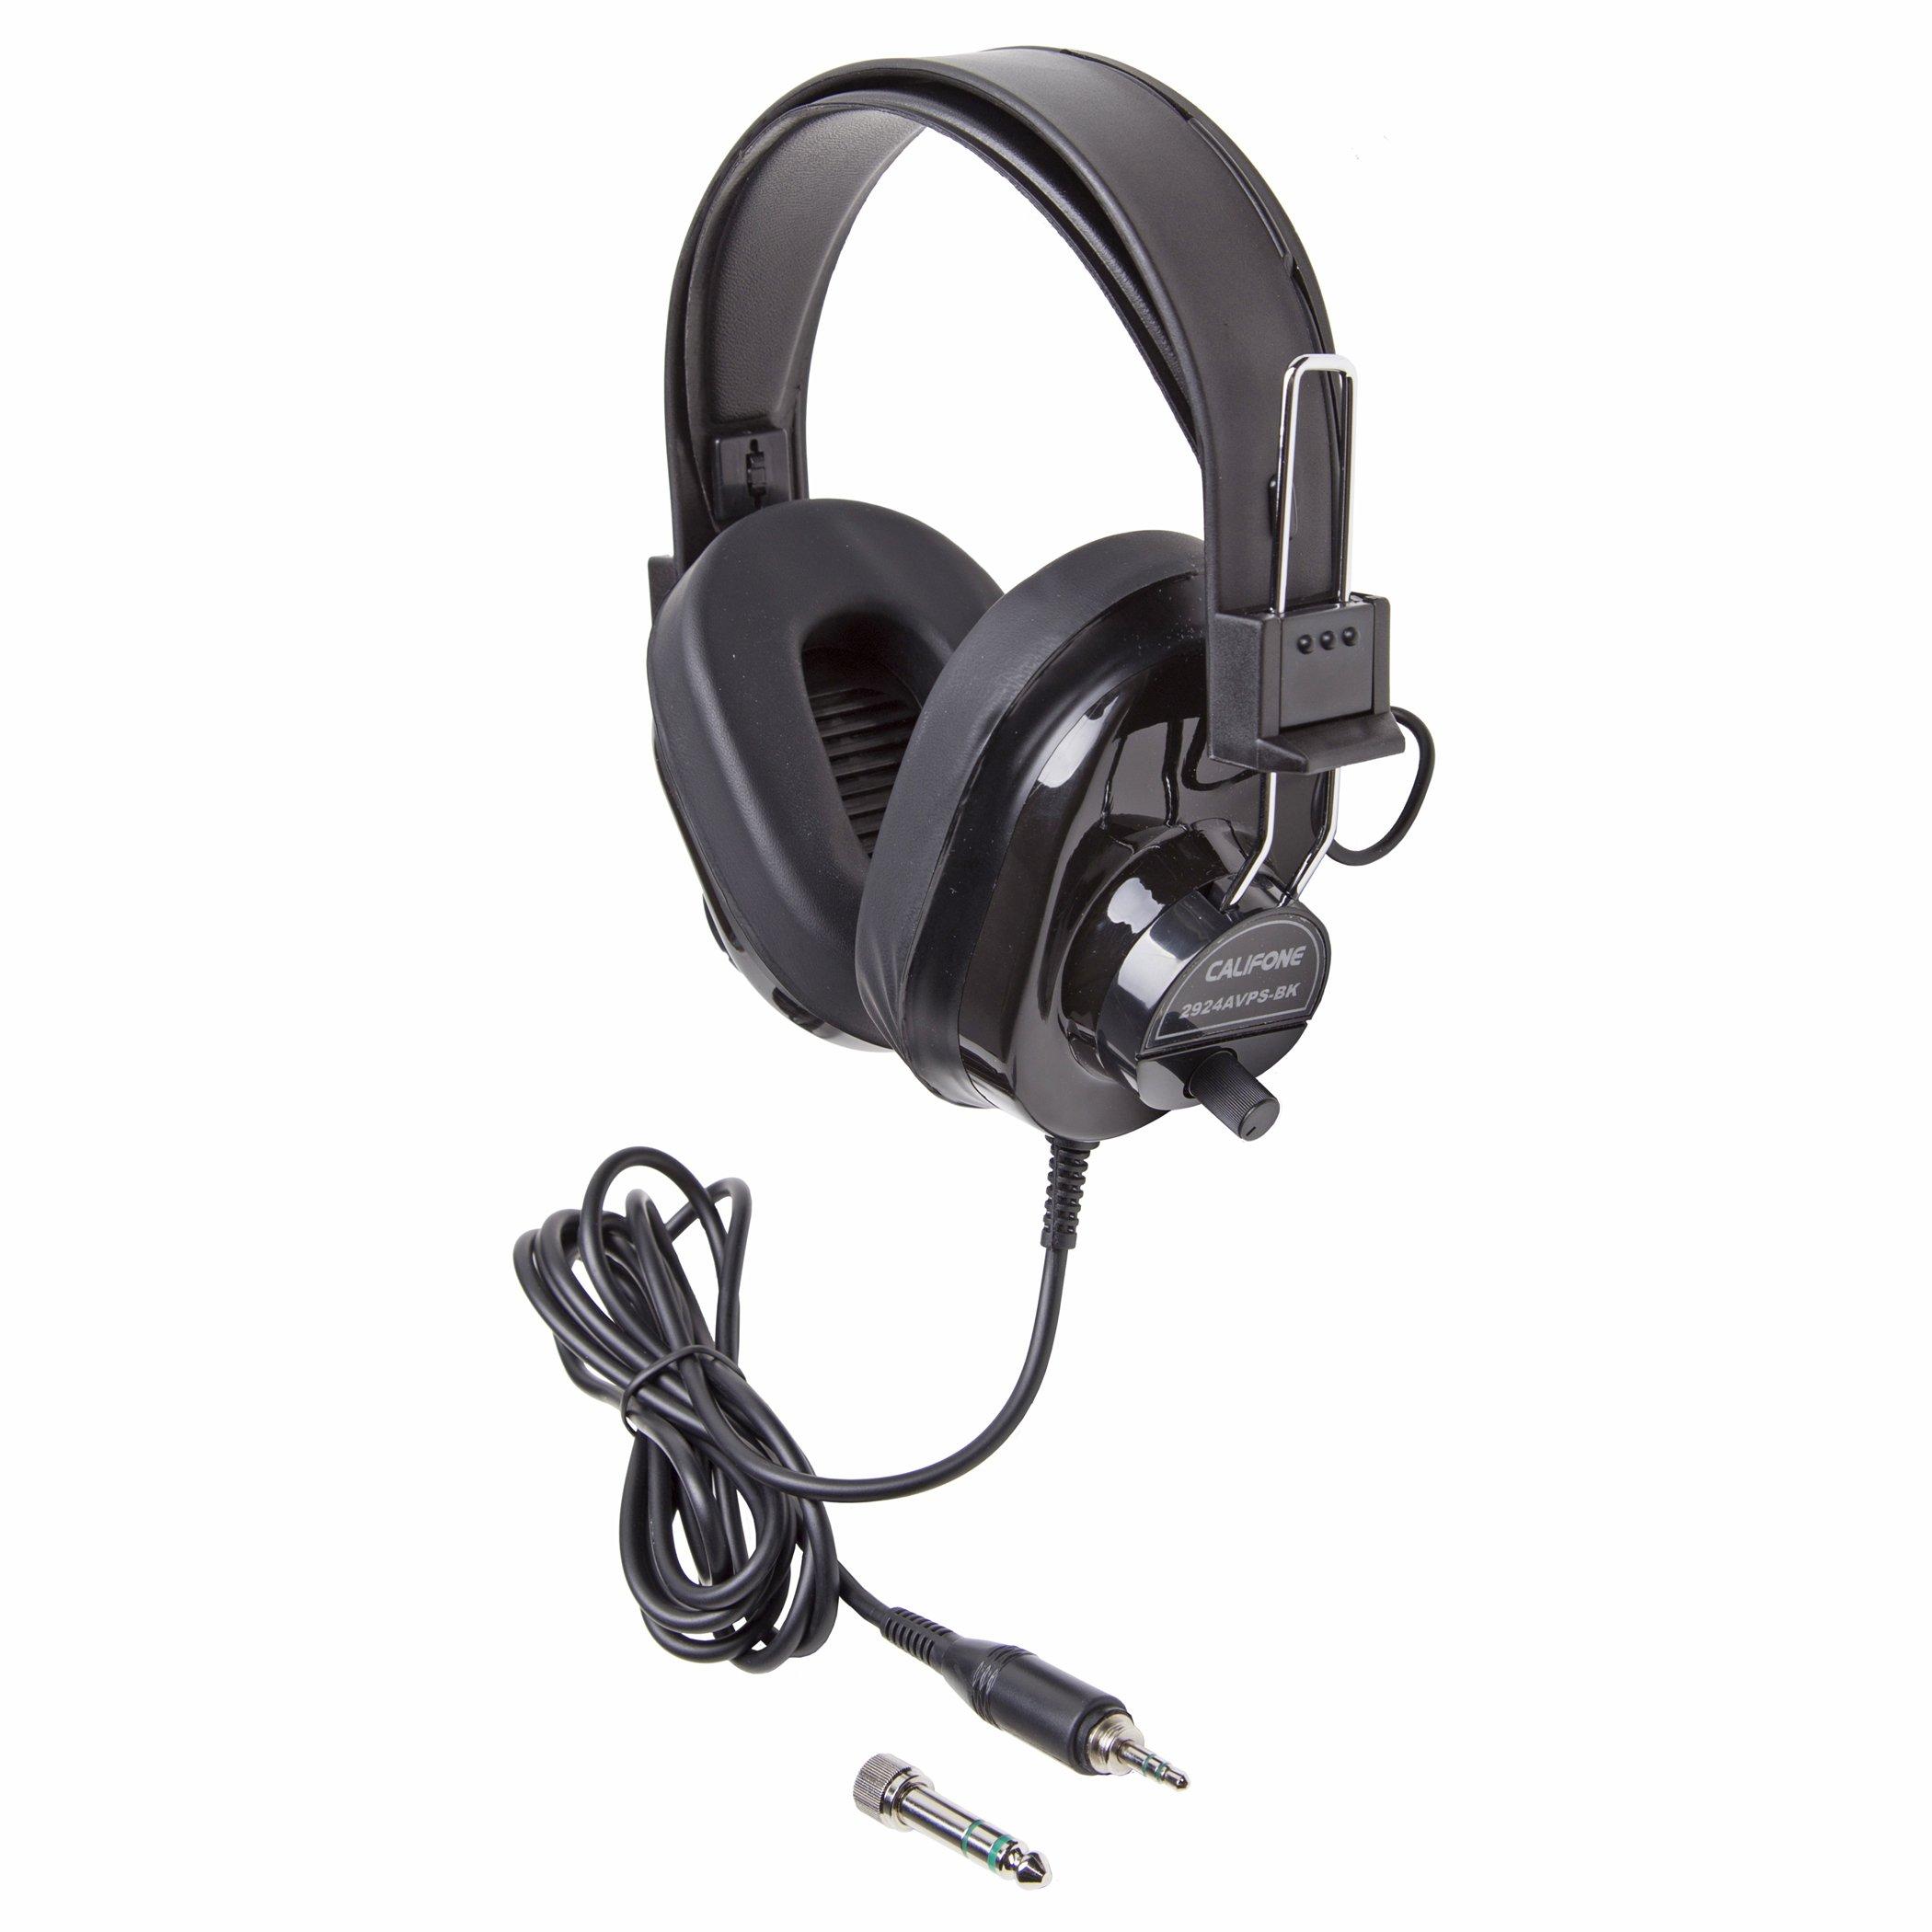 Califone CAF2924AVPSBK Deluxe Stereo Headphone, Black